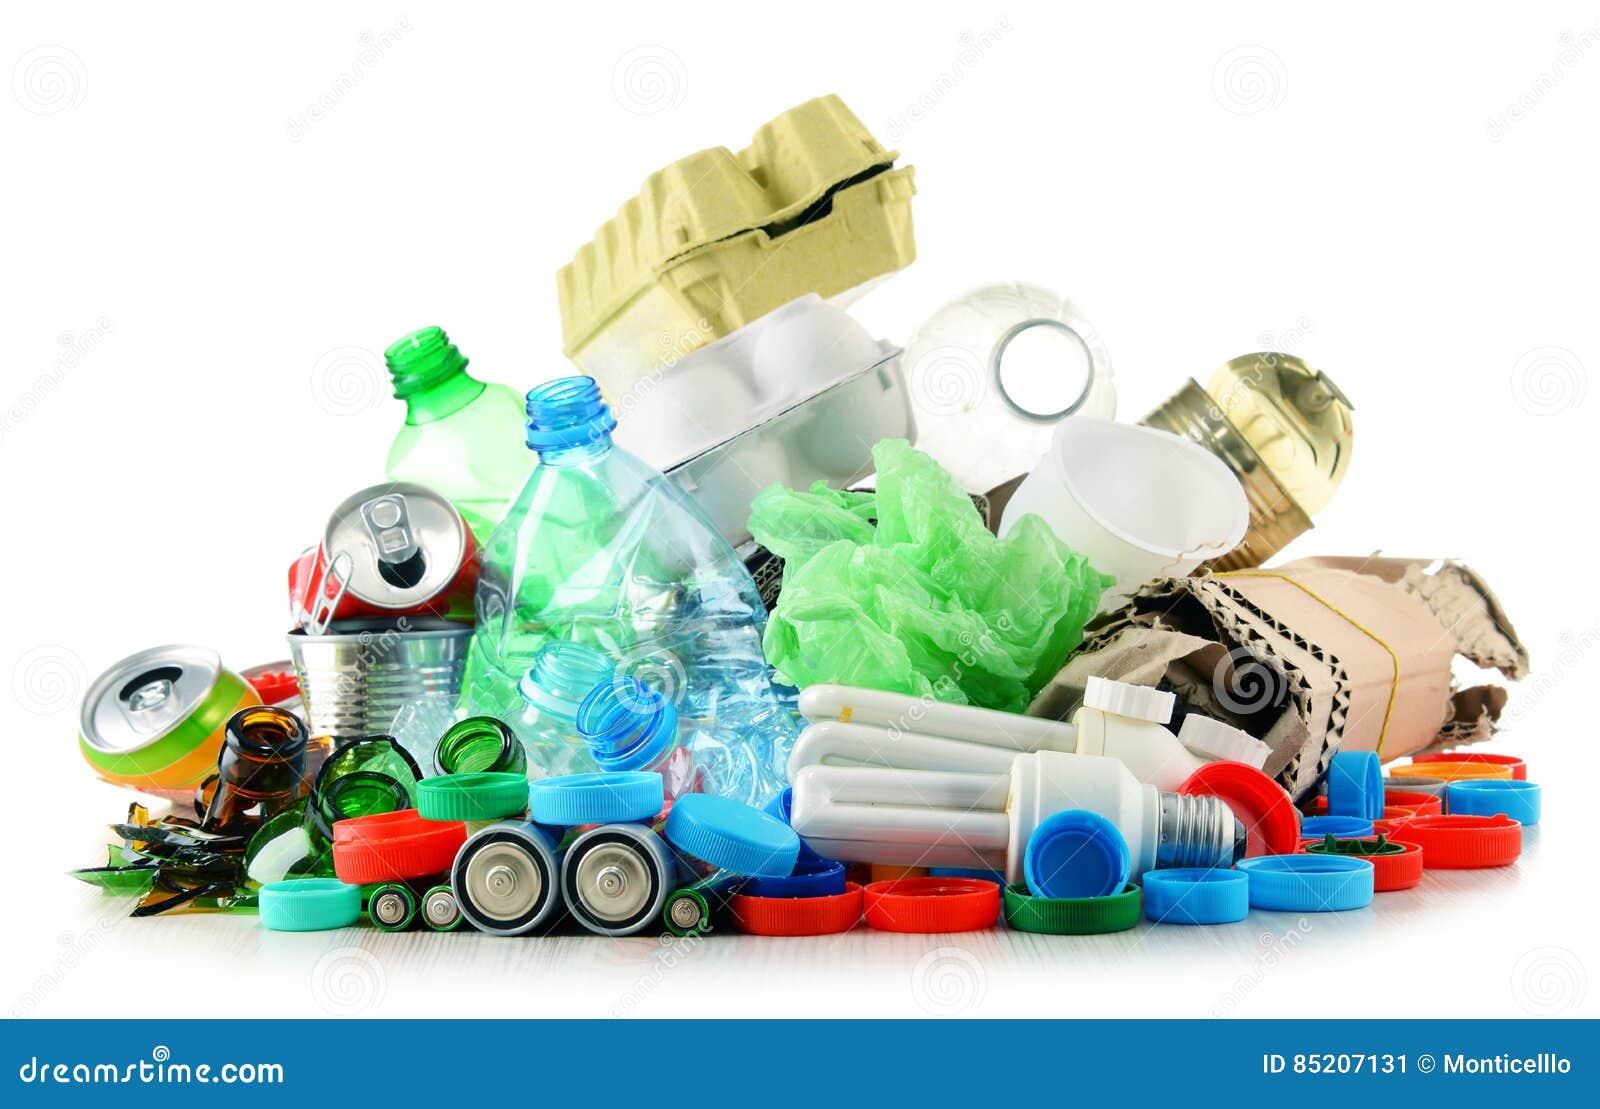 Basura reciclable que consiste en el vidrio, el plástico, el metal y el papel